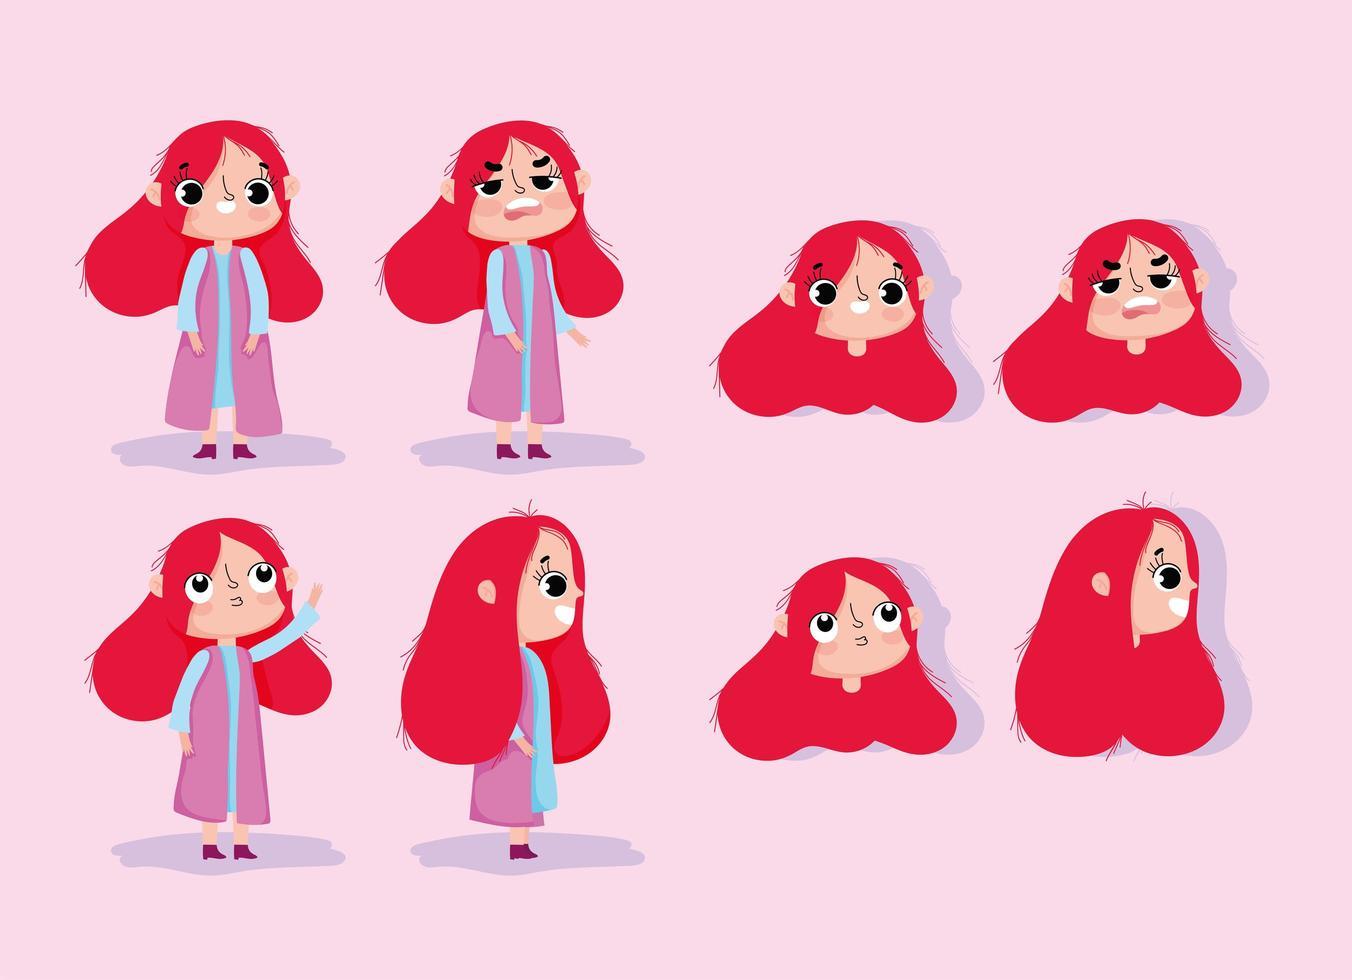 tecknad animation flicka karaktär ansikten och kroppar vektor